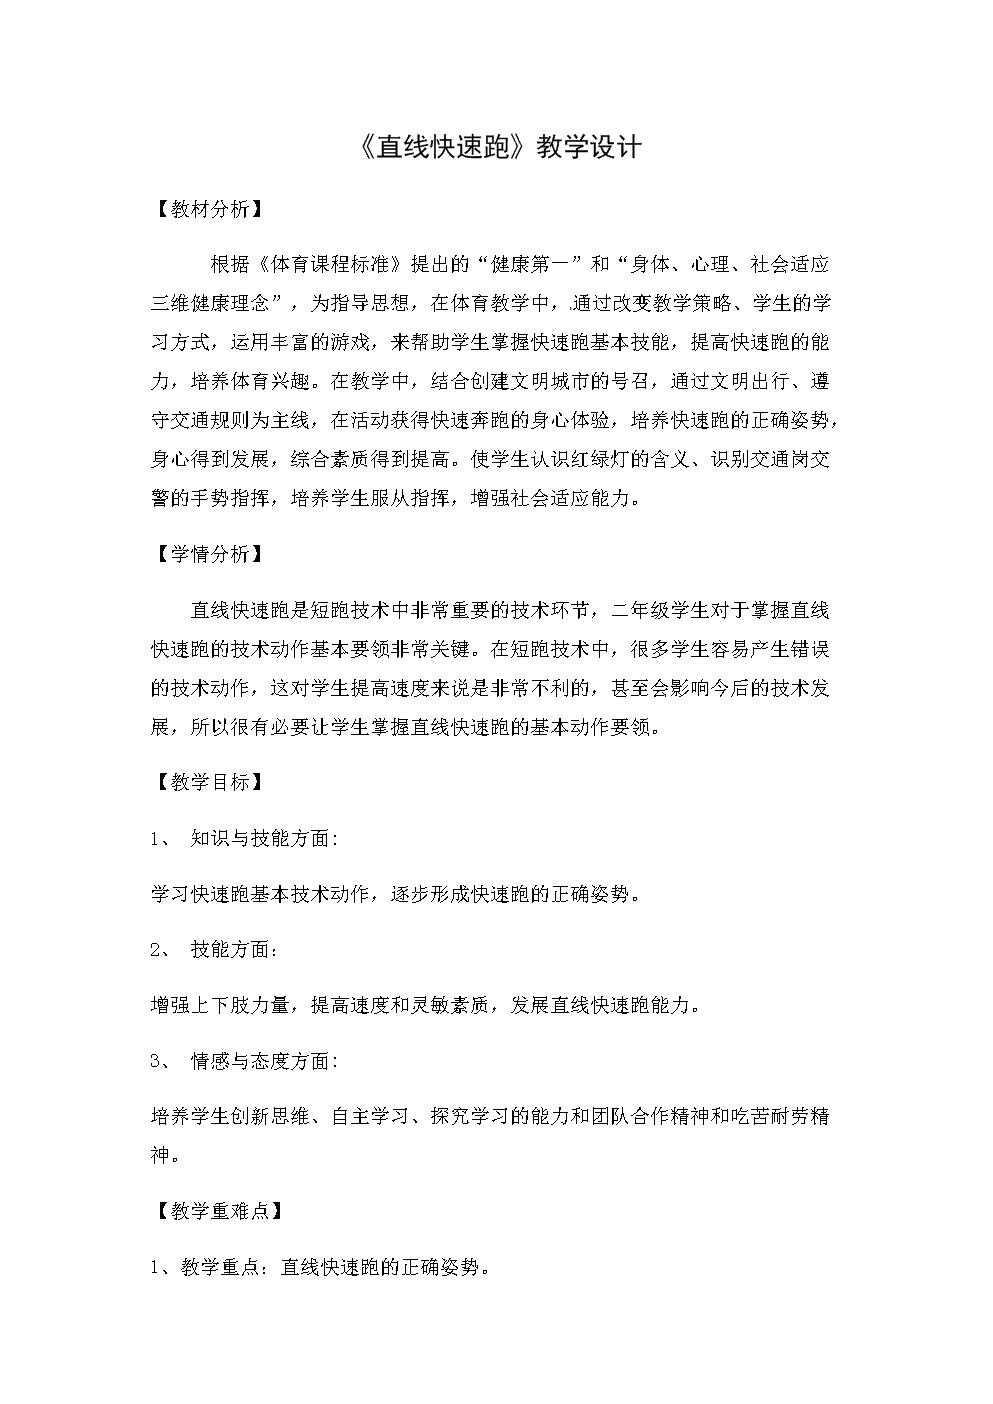 小学体育教案-直线快速跑 全国通用 (3).docx